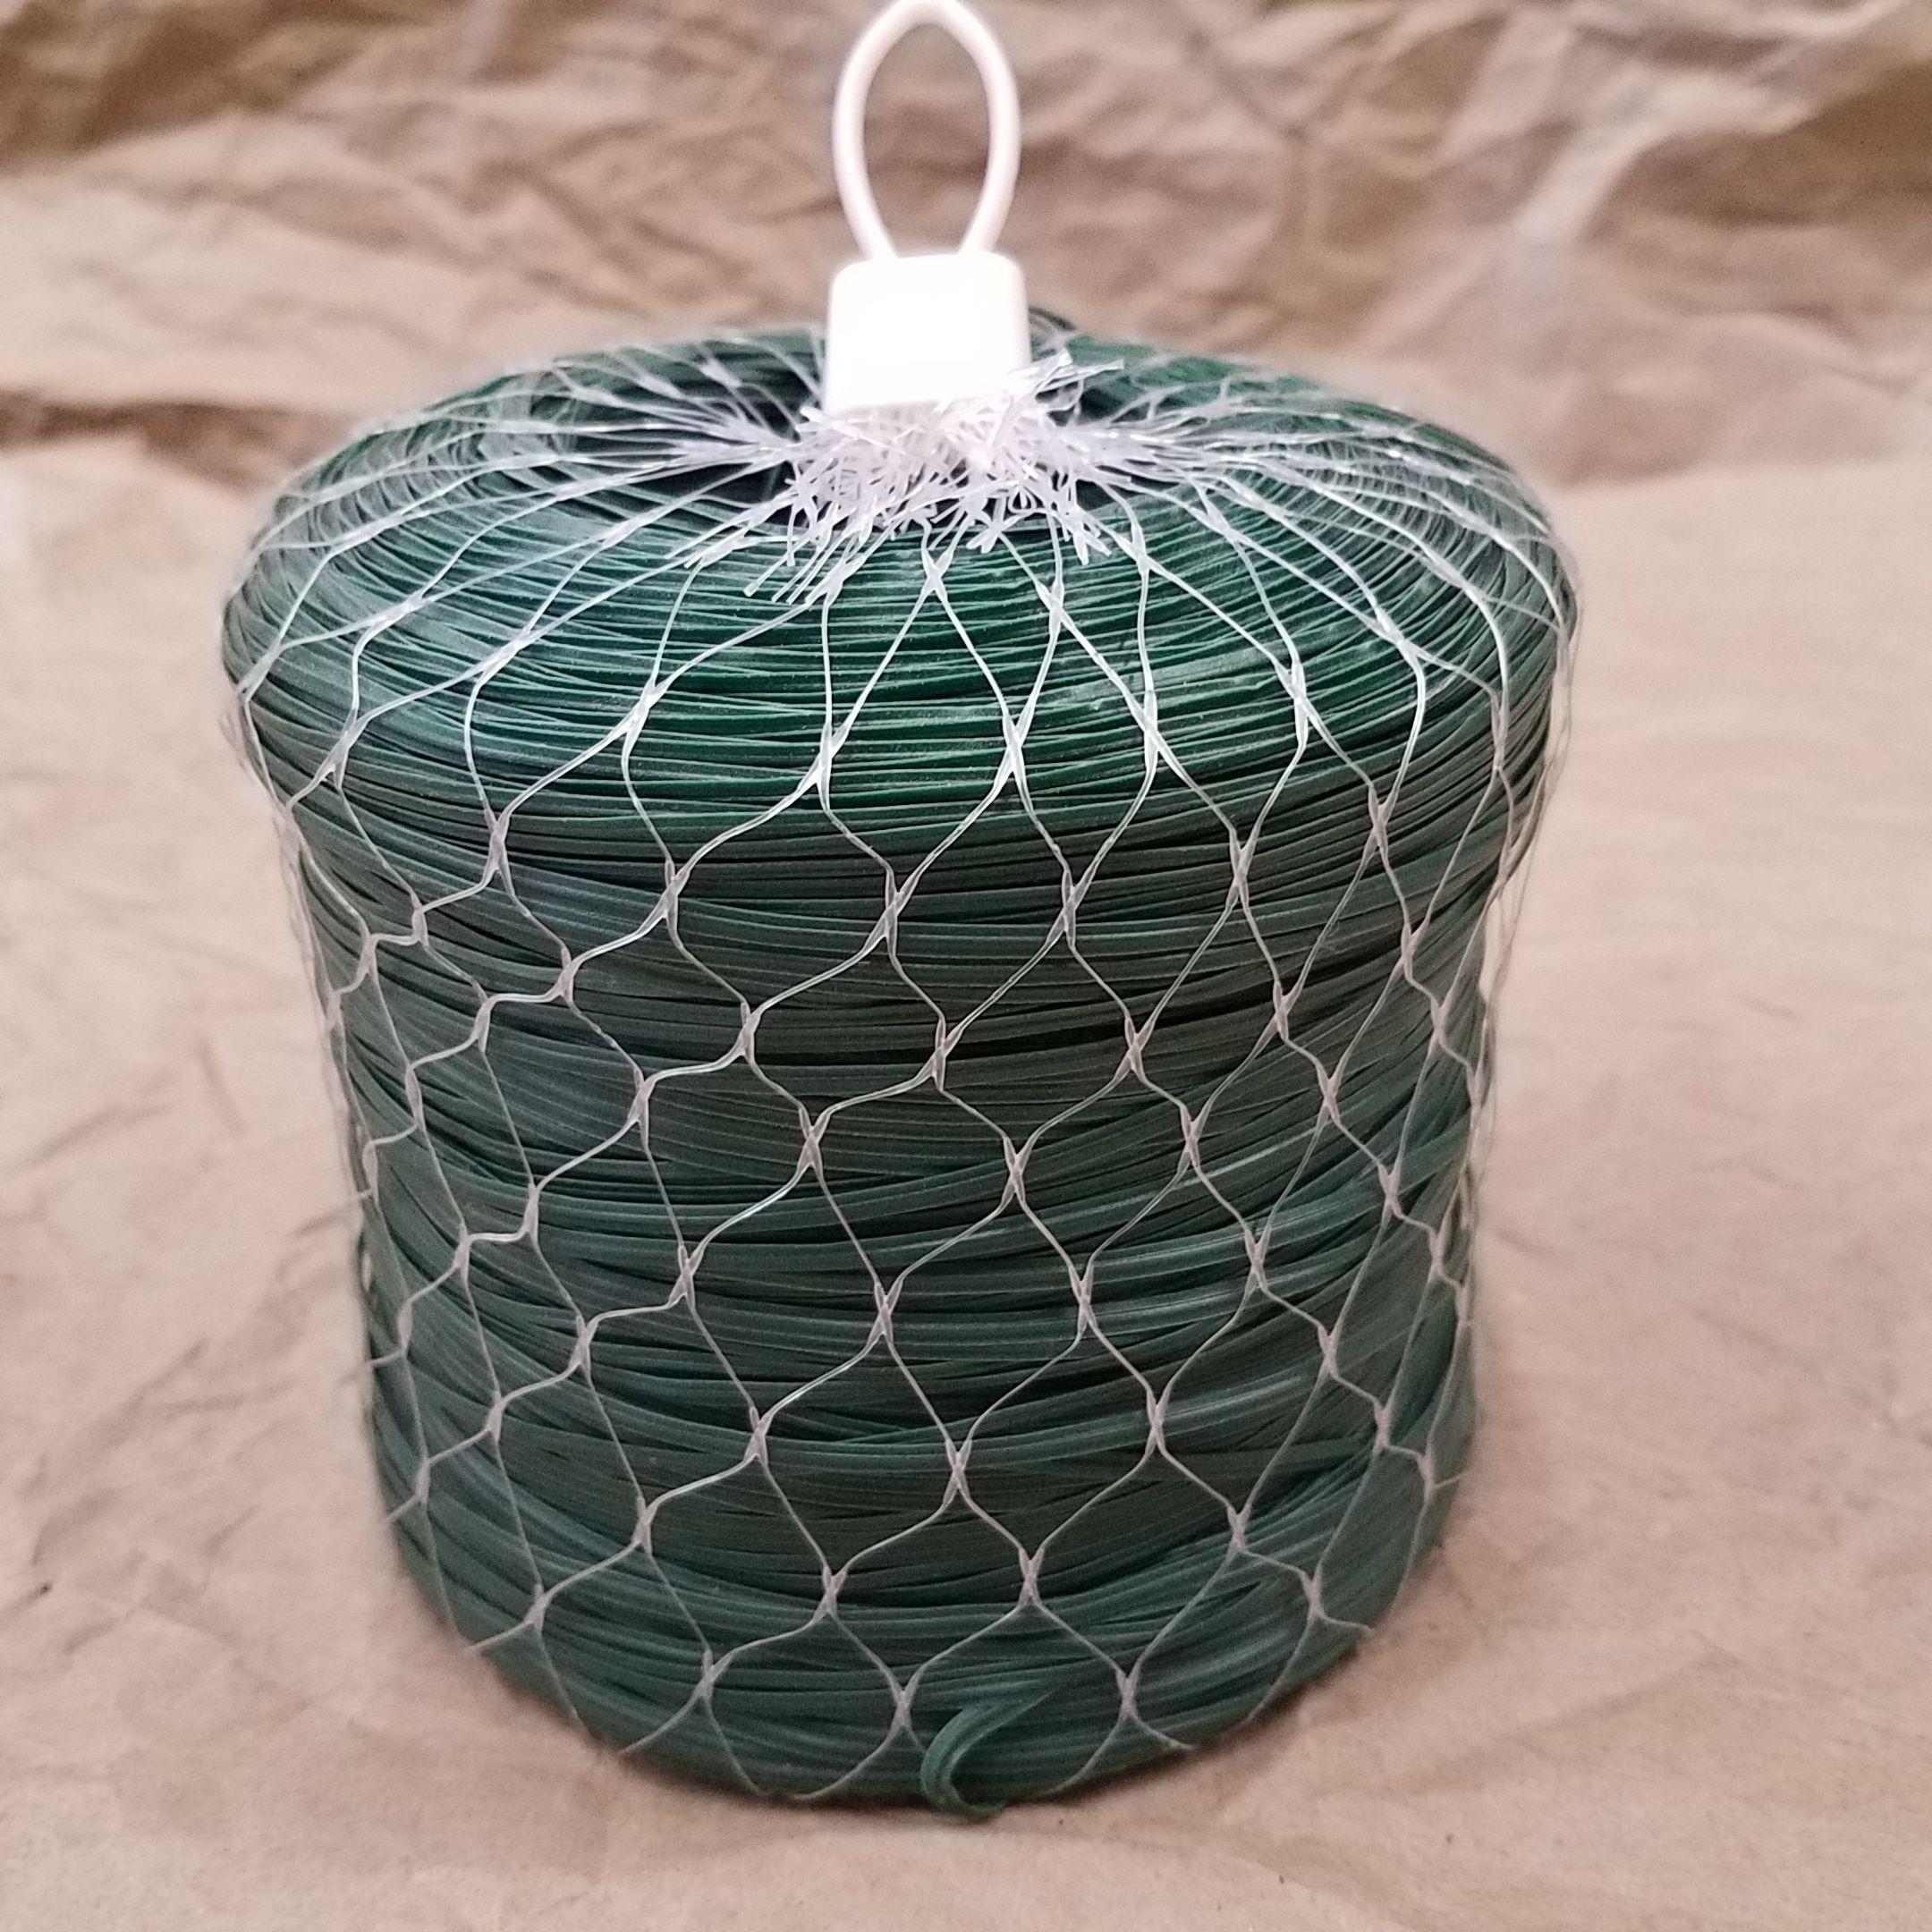 500m roll of Plastic Twist Tie